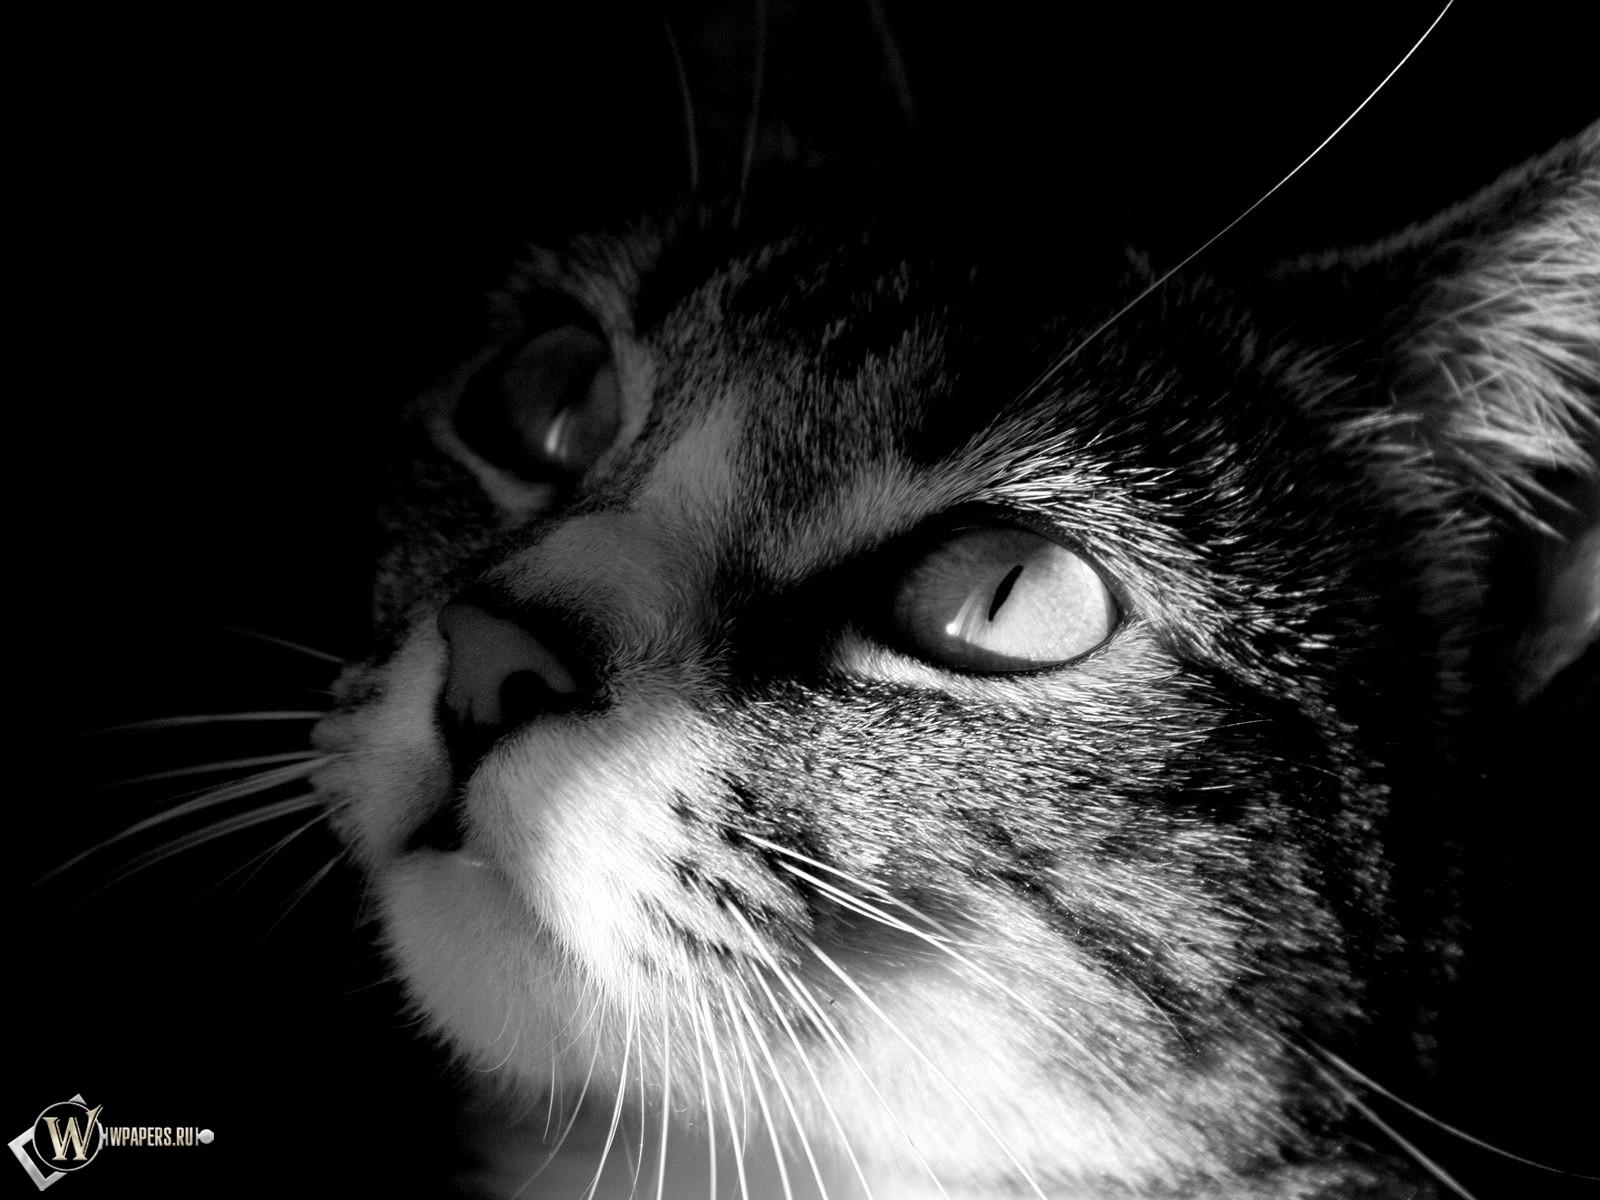 Кот смотрит на свет 1600x1200